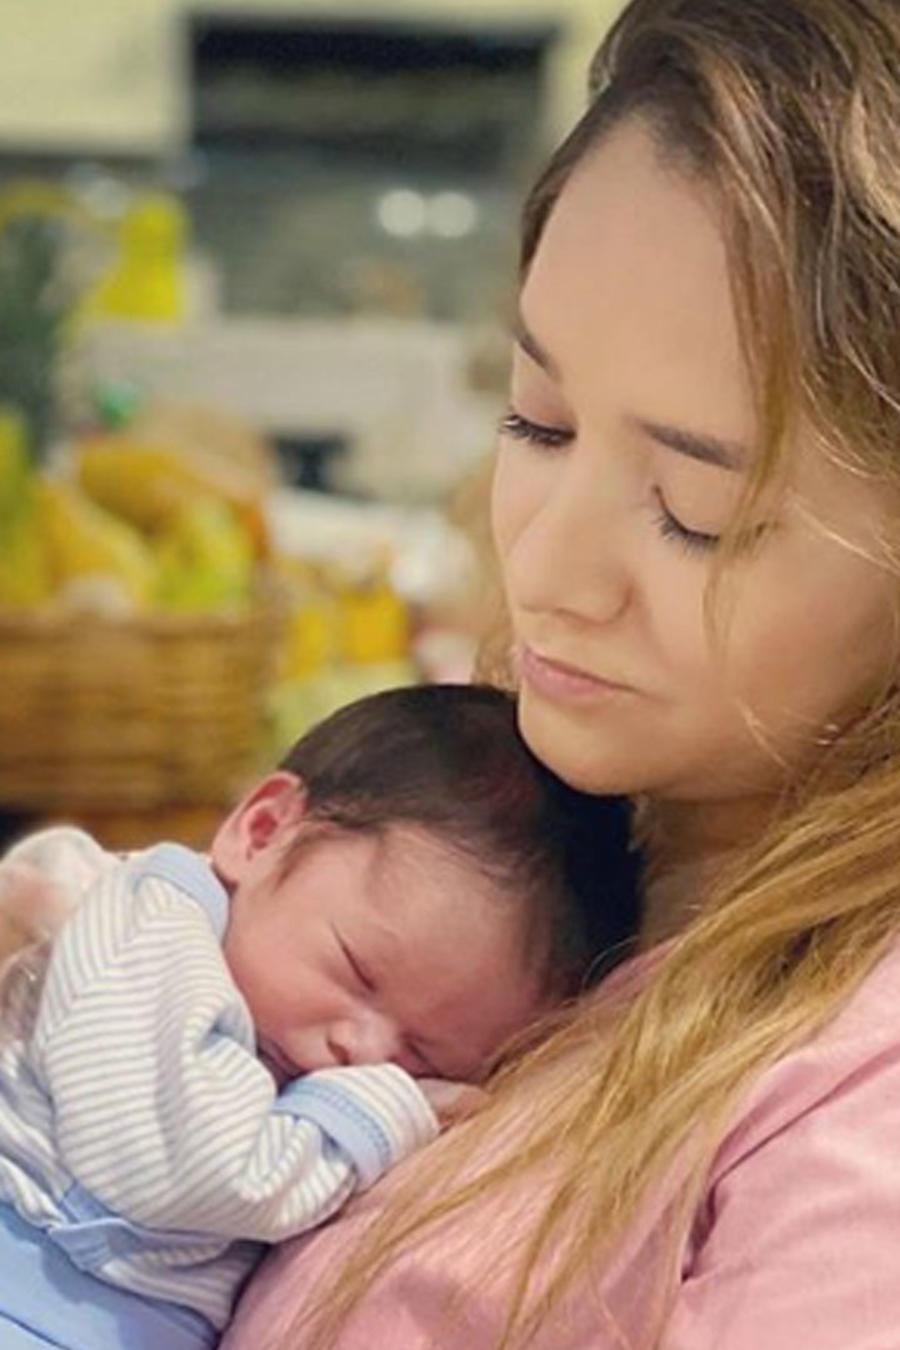 Sherlyn arrulló dulcemente a su bebé